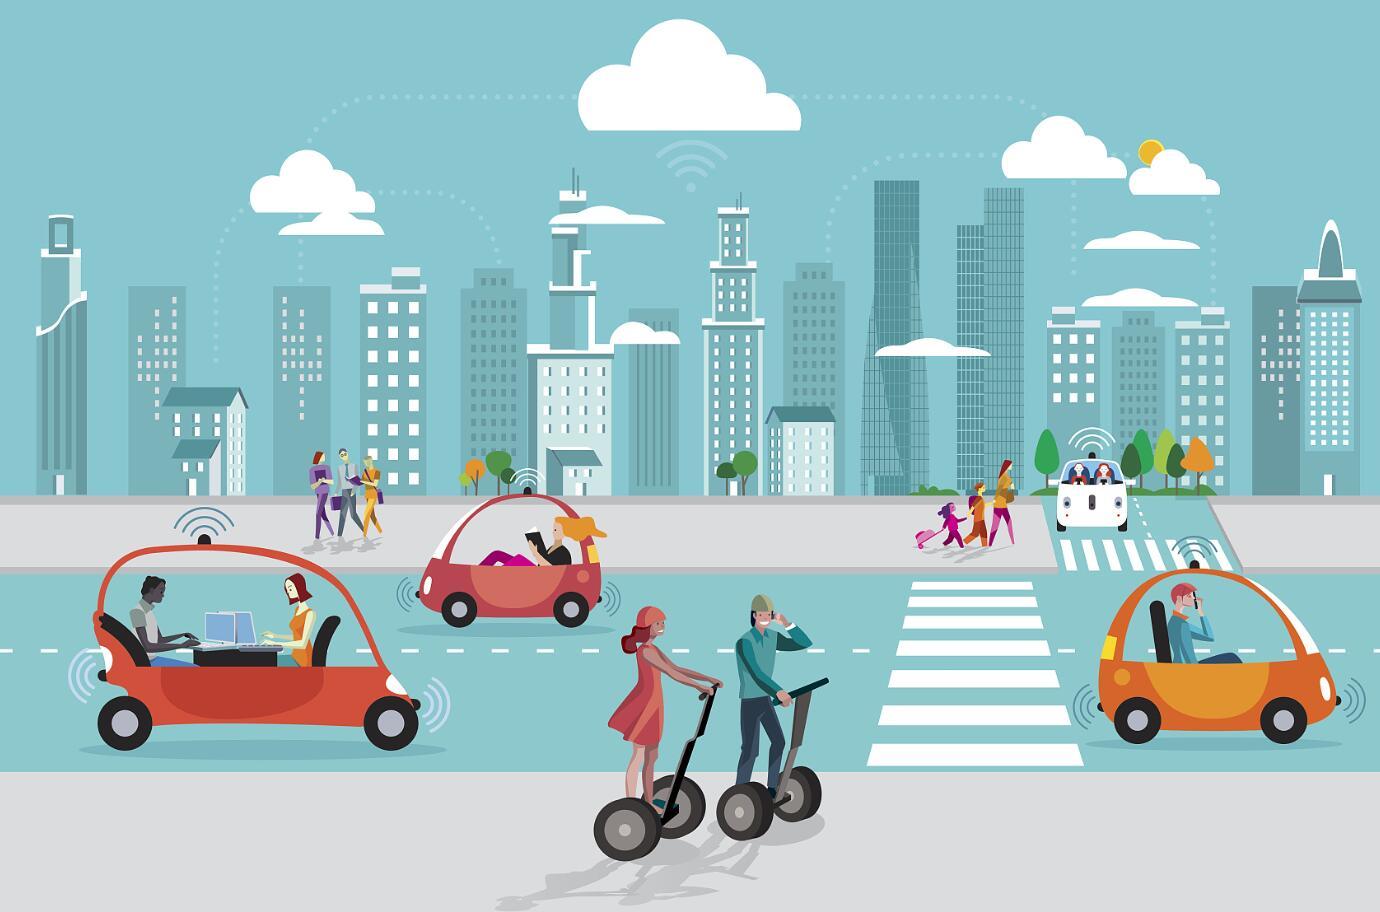 未来的城市化与智慧城市,机遇与挑战并存